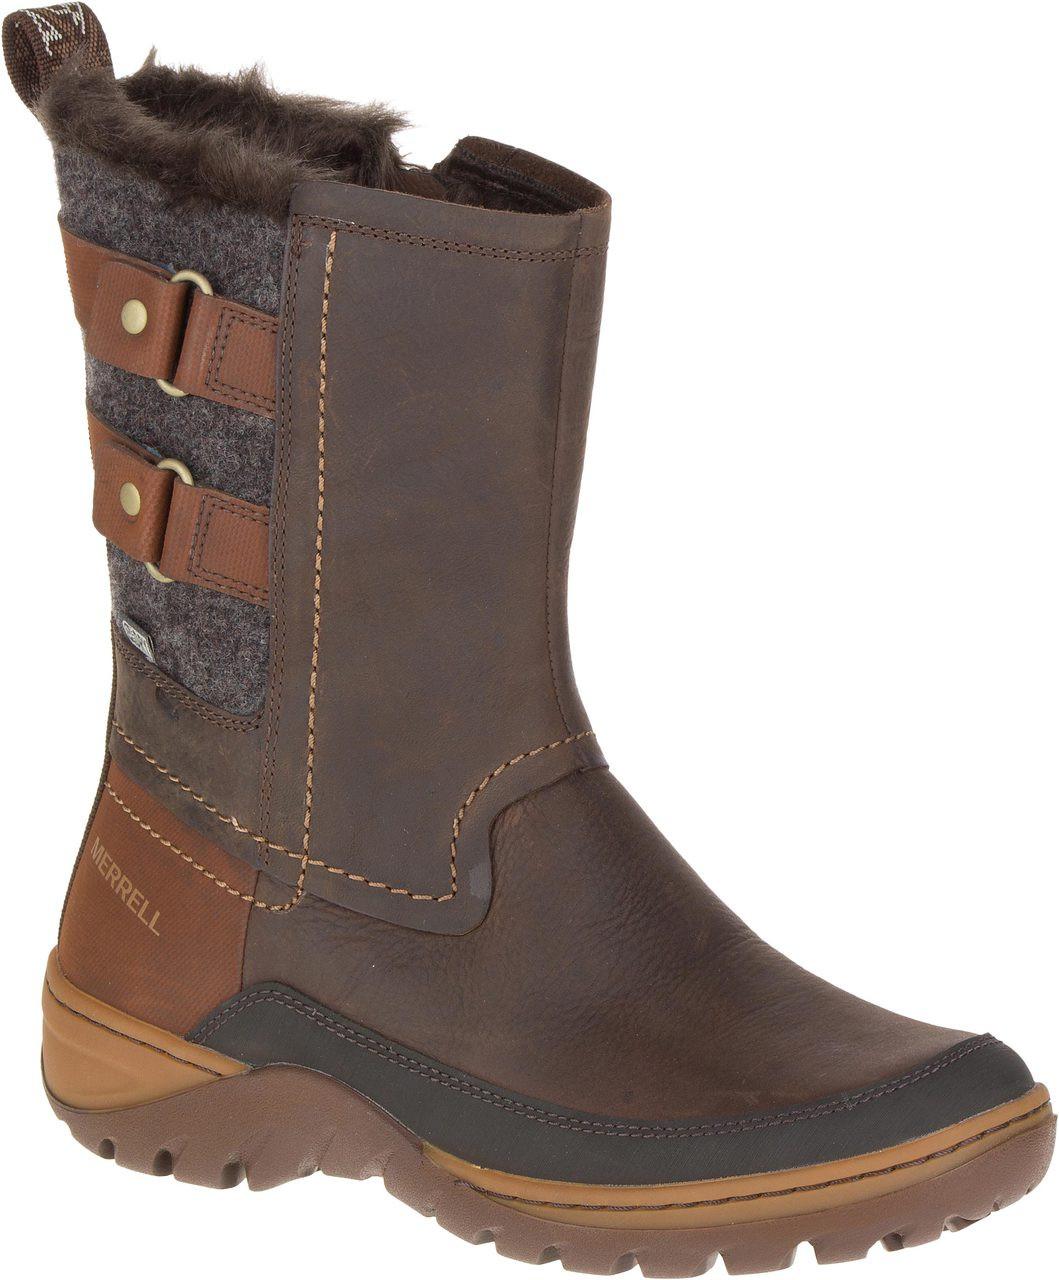 Merrell Women's Sylva Mid Buckle Waterproof Snow Boots, Tan